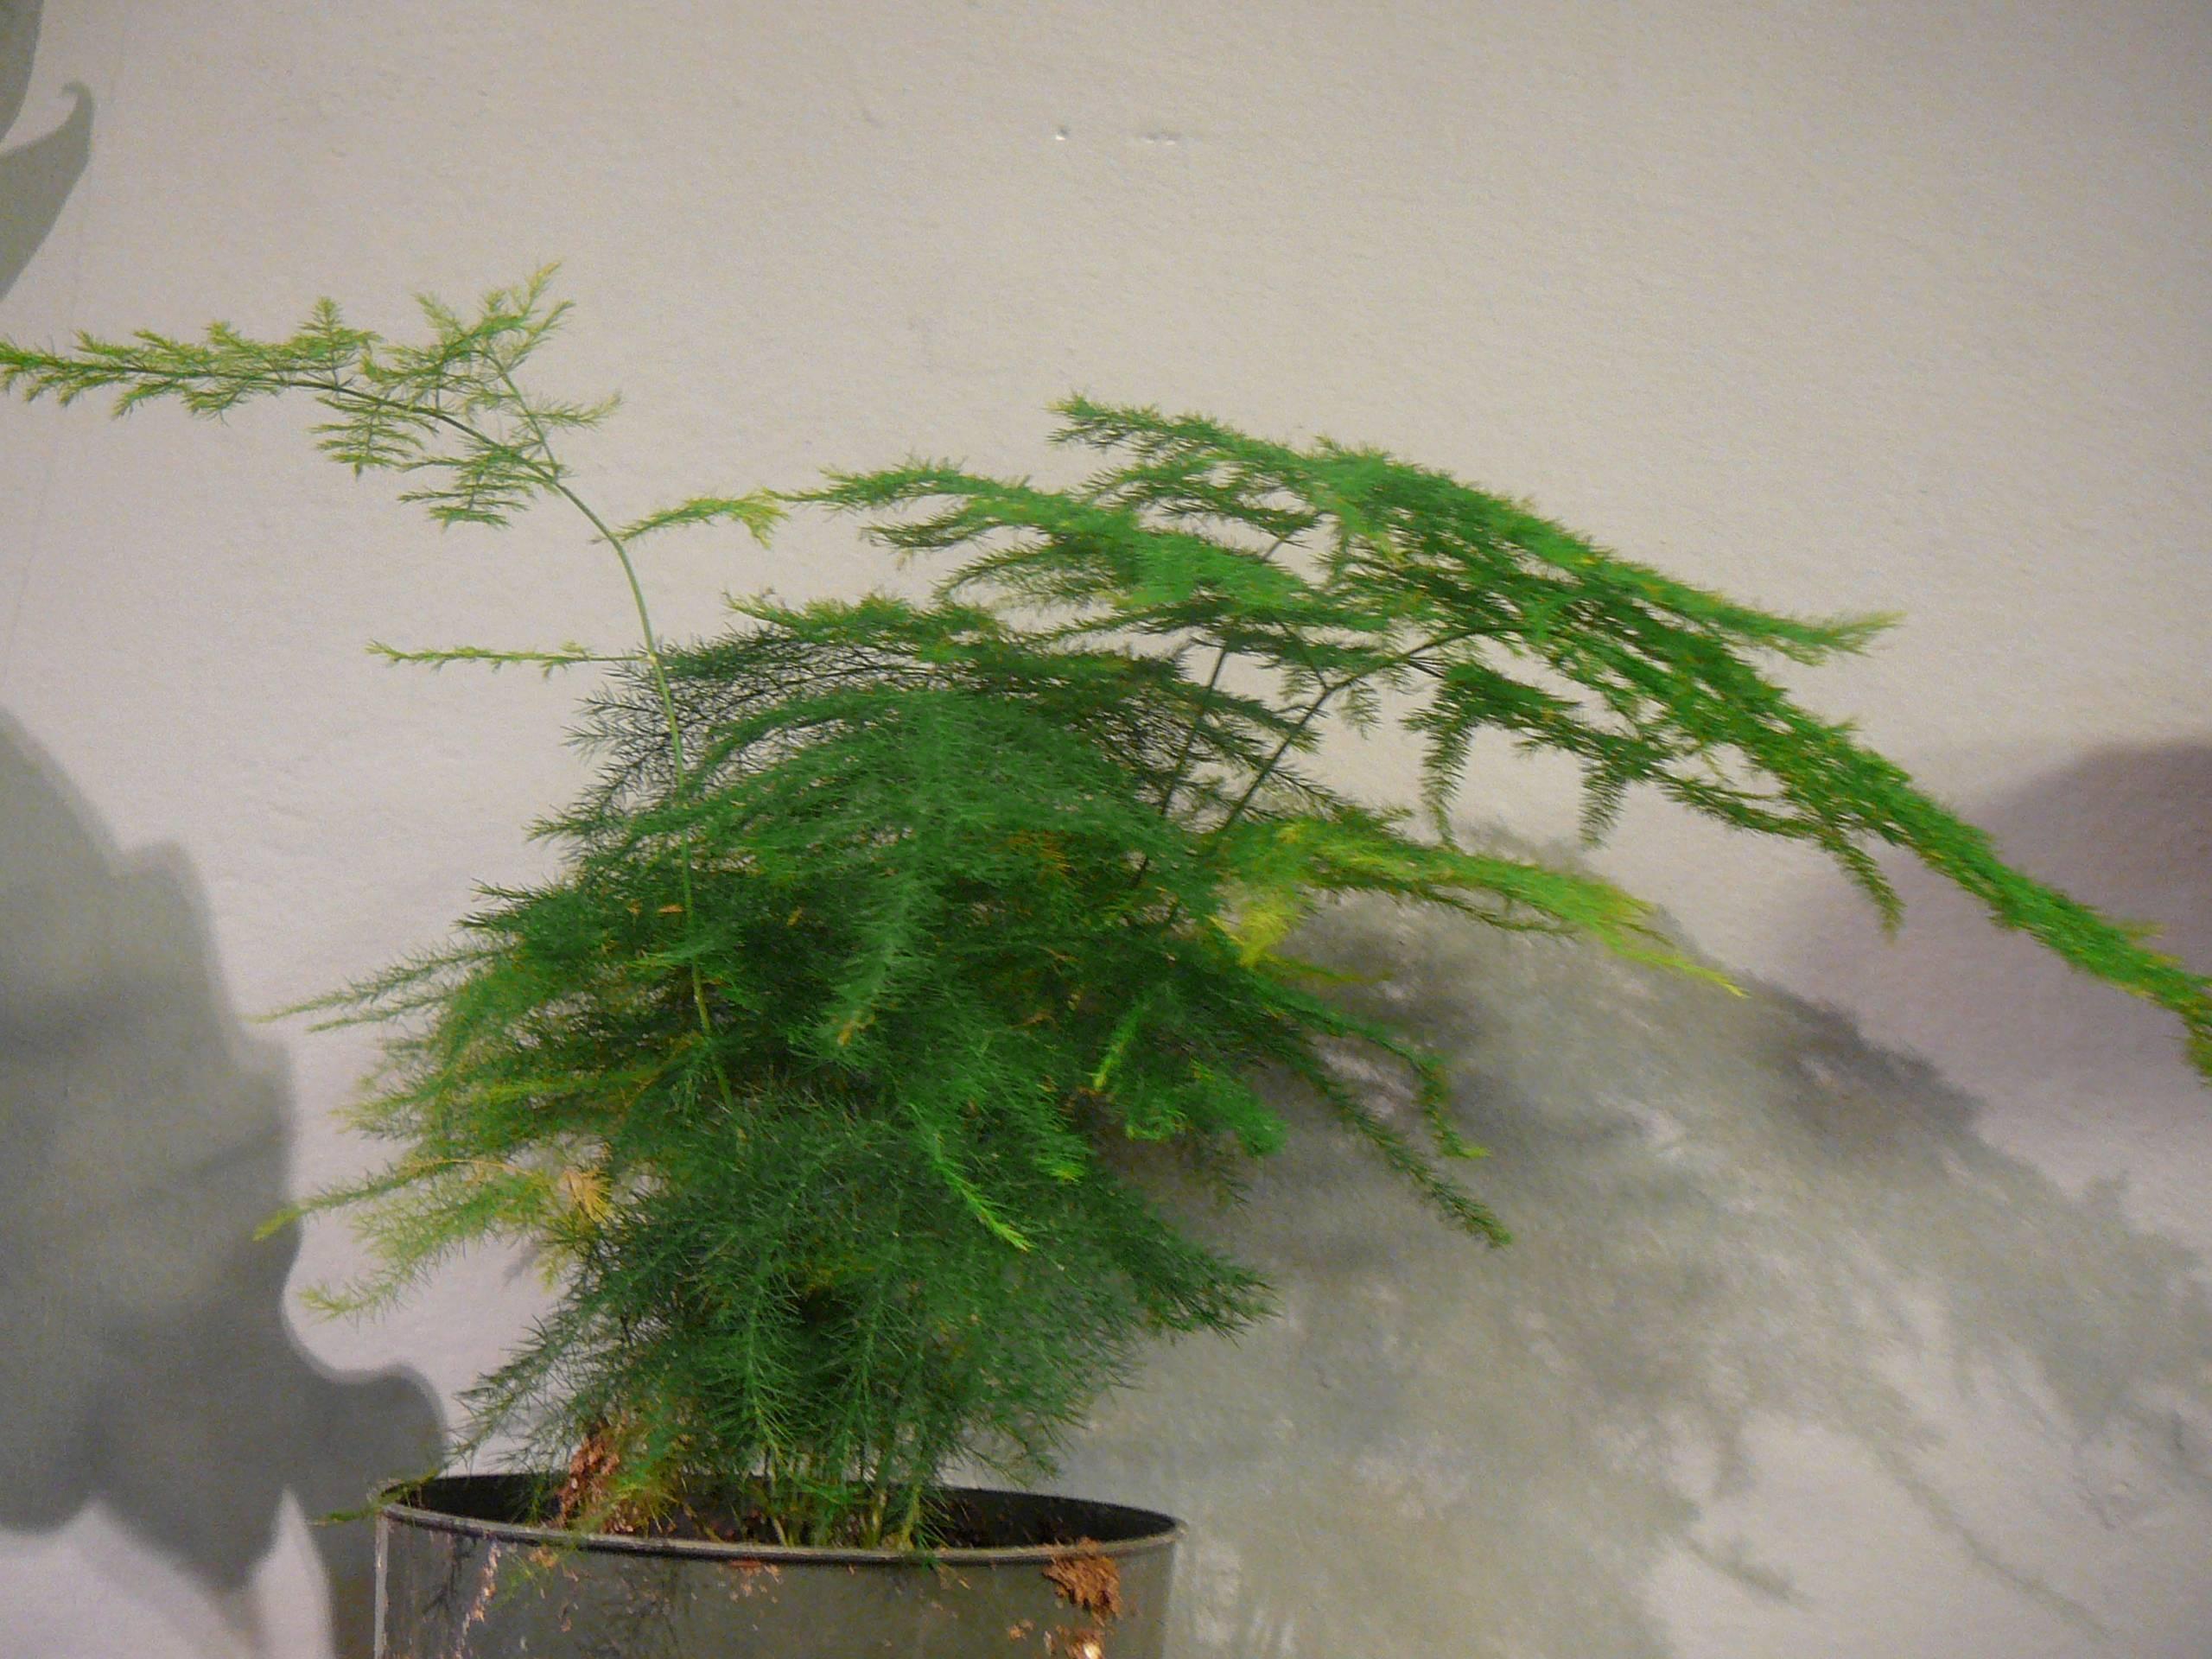 Аспарагус шпренгера (24 фото): уход в домашних условиях, правила выращивания аспарагуса из семян. обрезка густоцветкового аспарагуса и способы его размножения